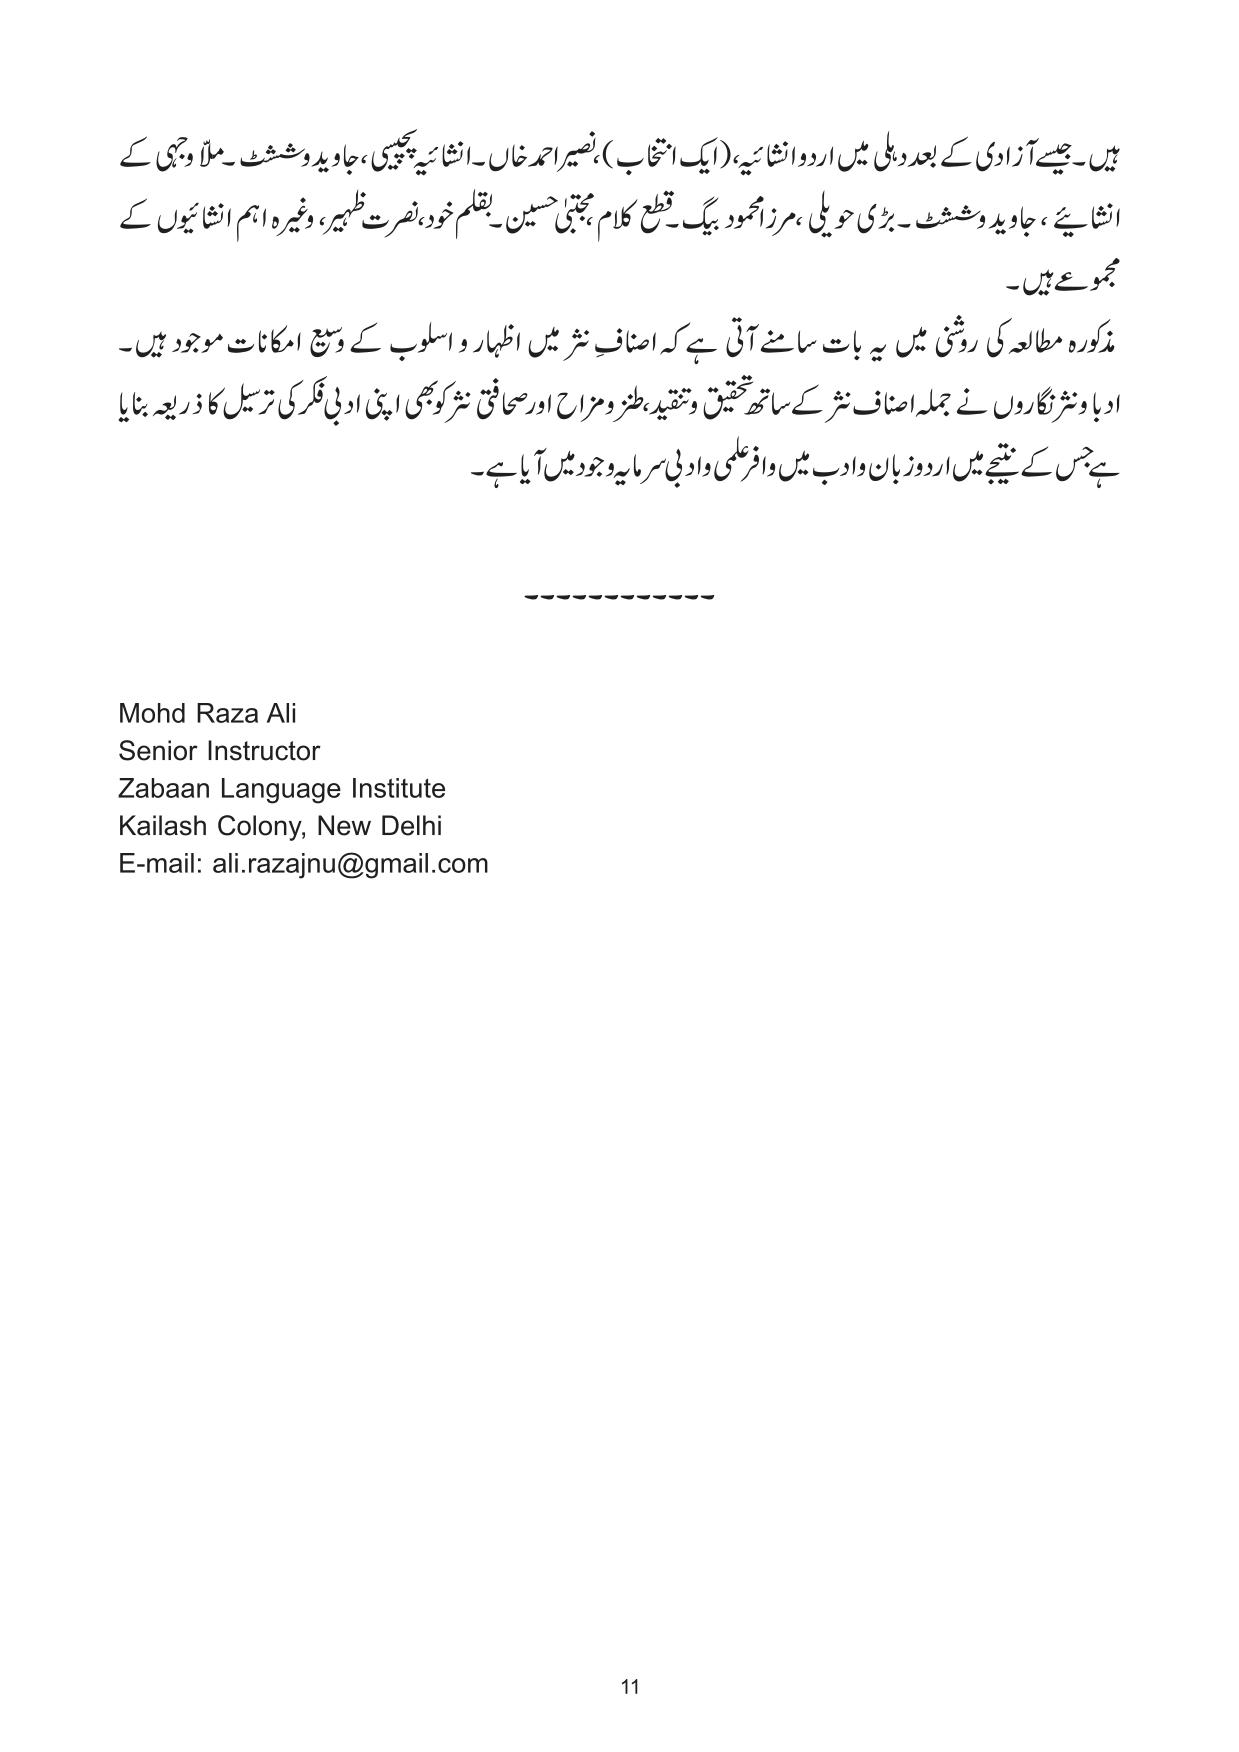 اردو اصناف نثر کا مختصر تعارف - A brief introduction to Urdu